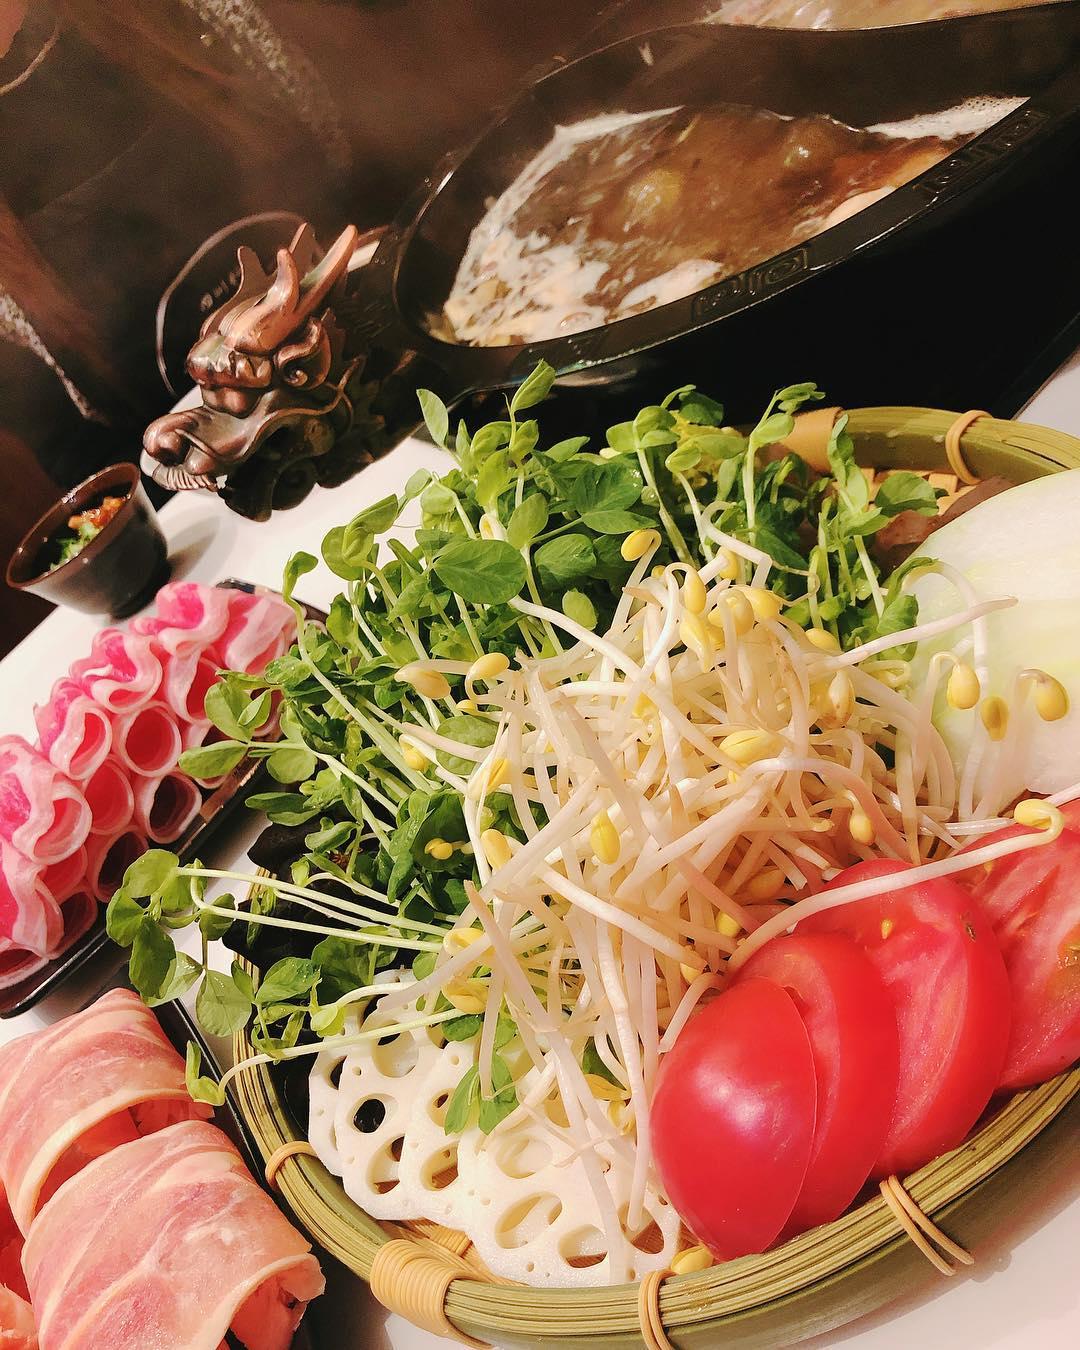 大阪のおすすめ火鍋10選!絶品メニューがそろう人気店をご紹介